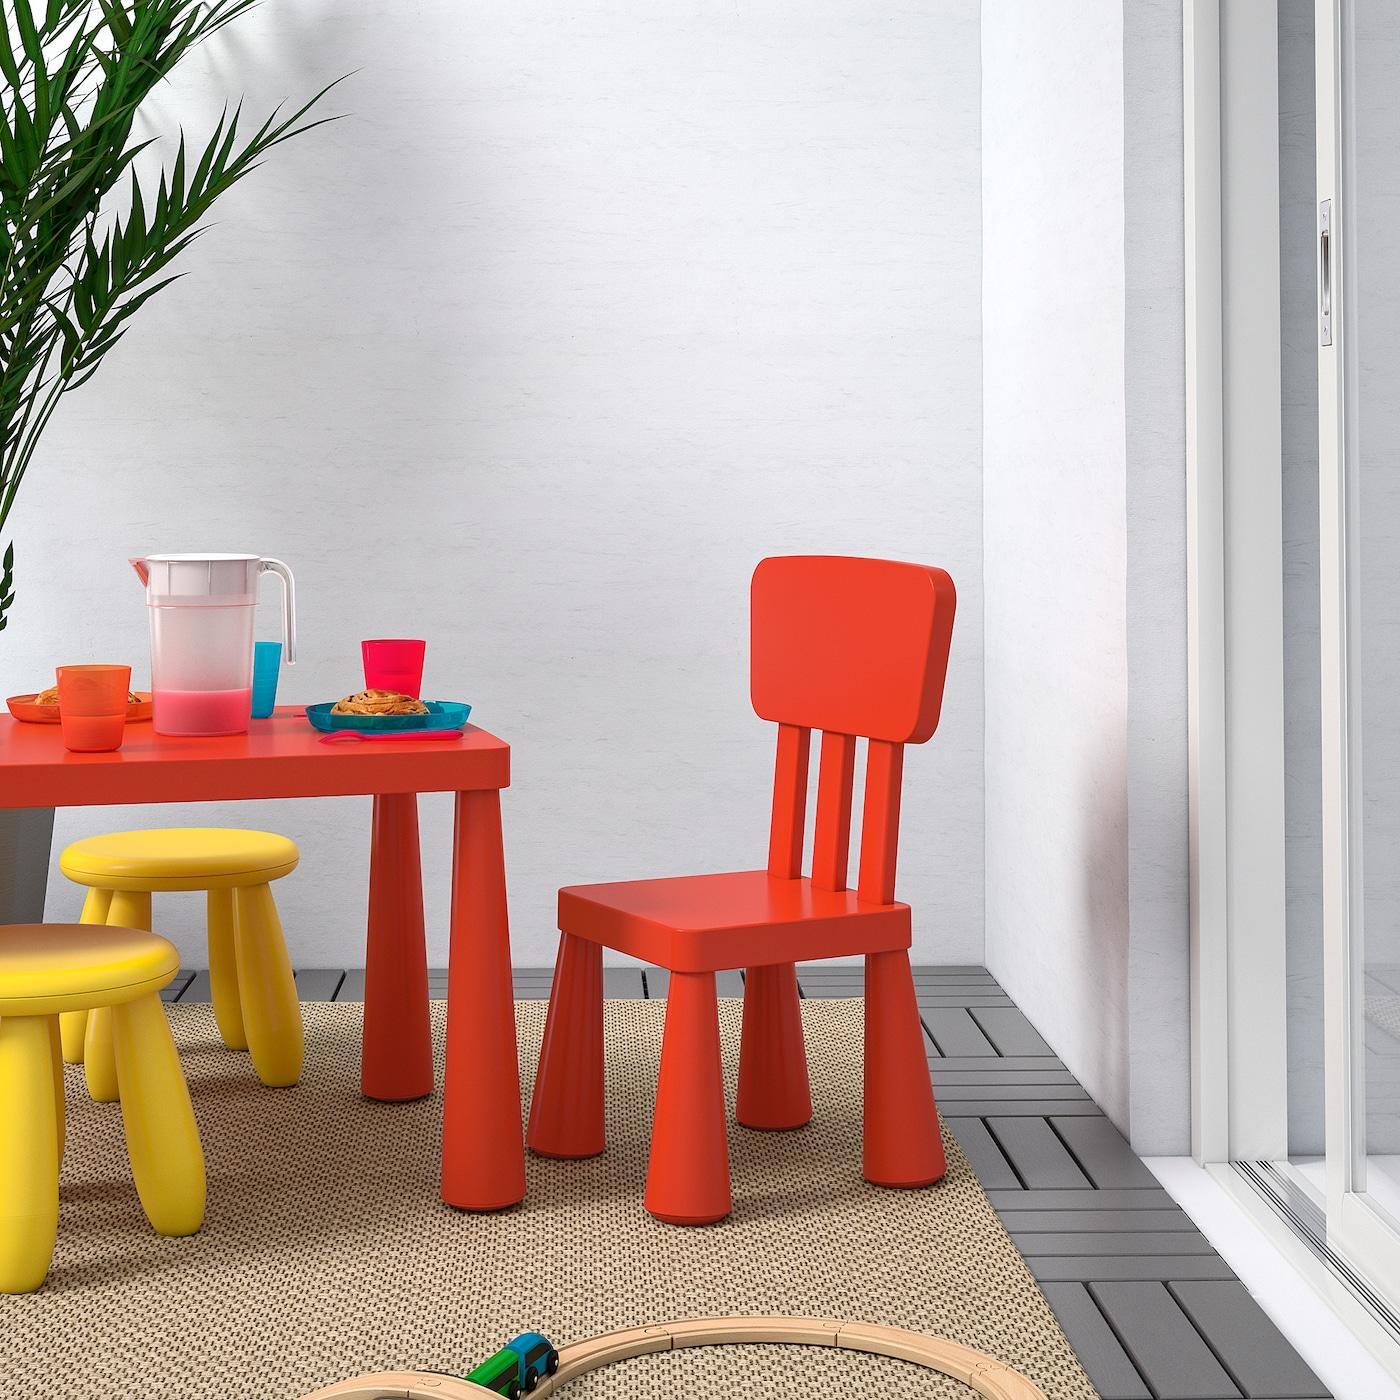 mammut chaise enfant interieur exterieur rouge